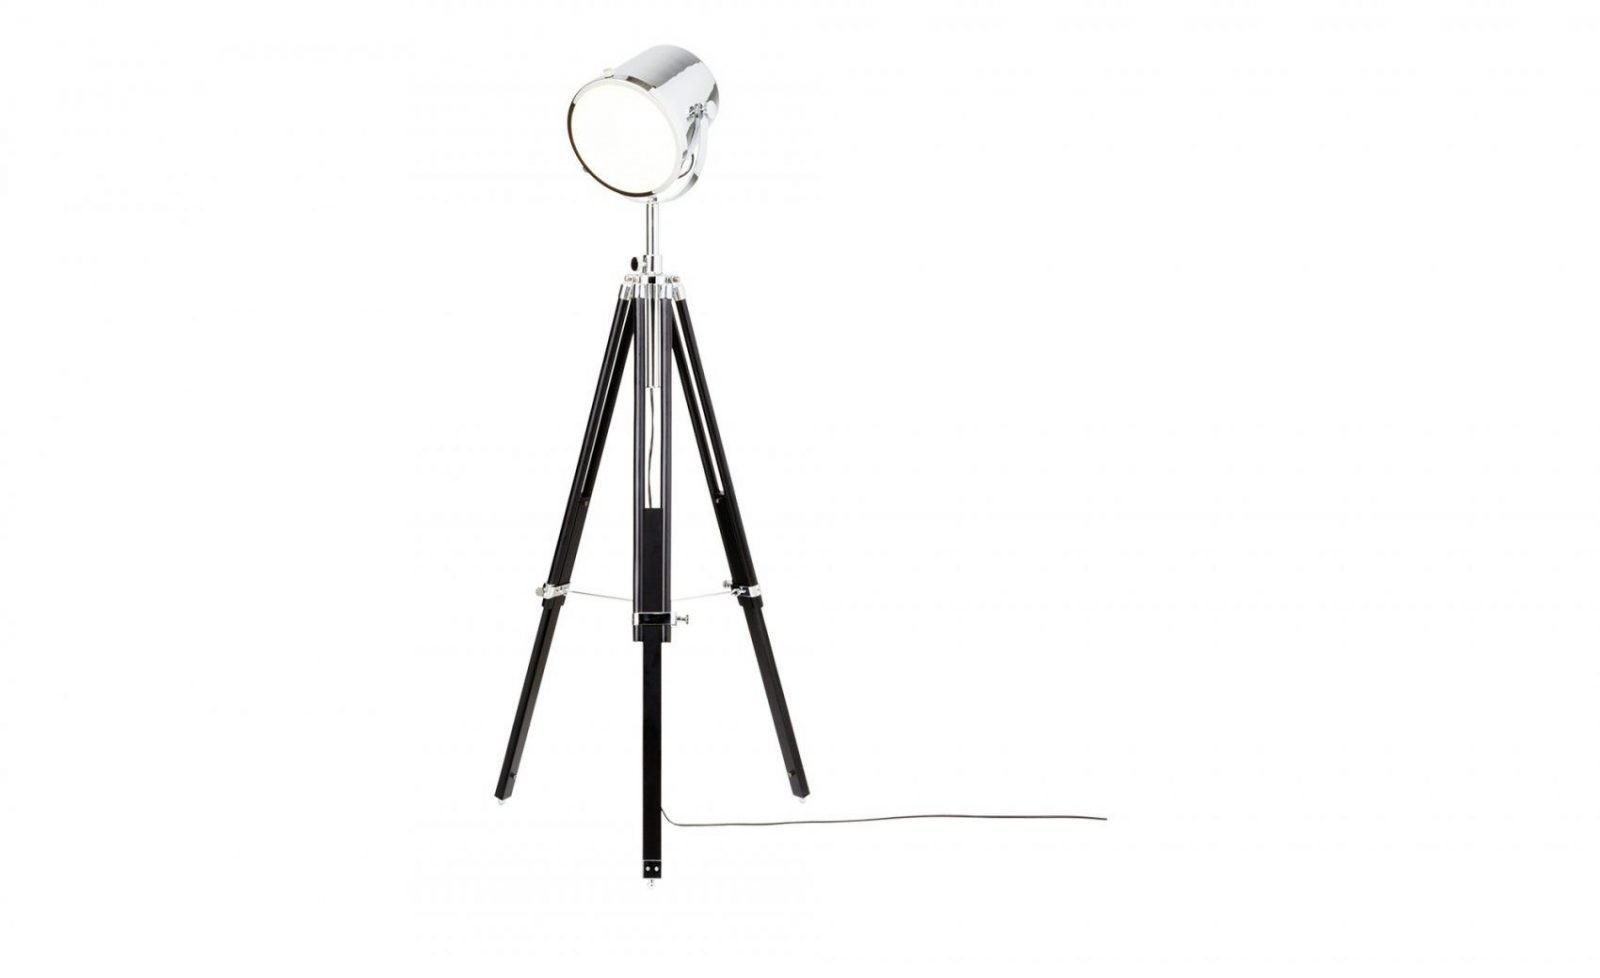 Khg Stehleuchte Im Studiolampendesign  Möbel Höffner von Stehlampe Mit 3 Beinen Photo